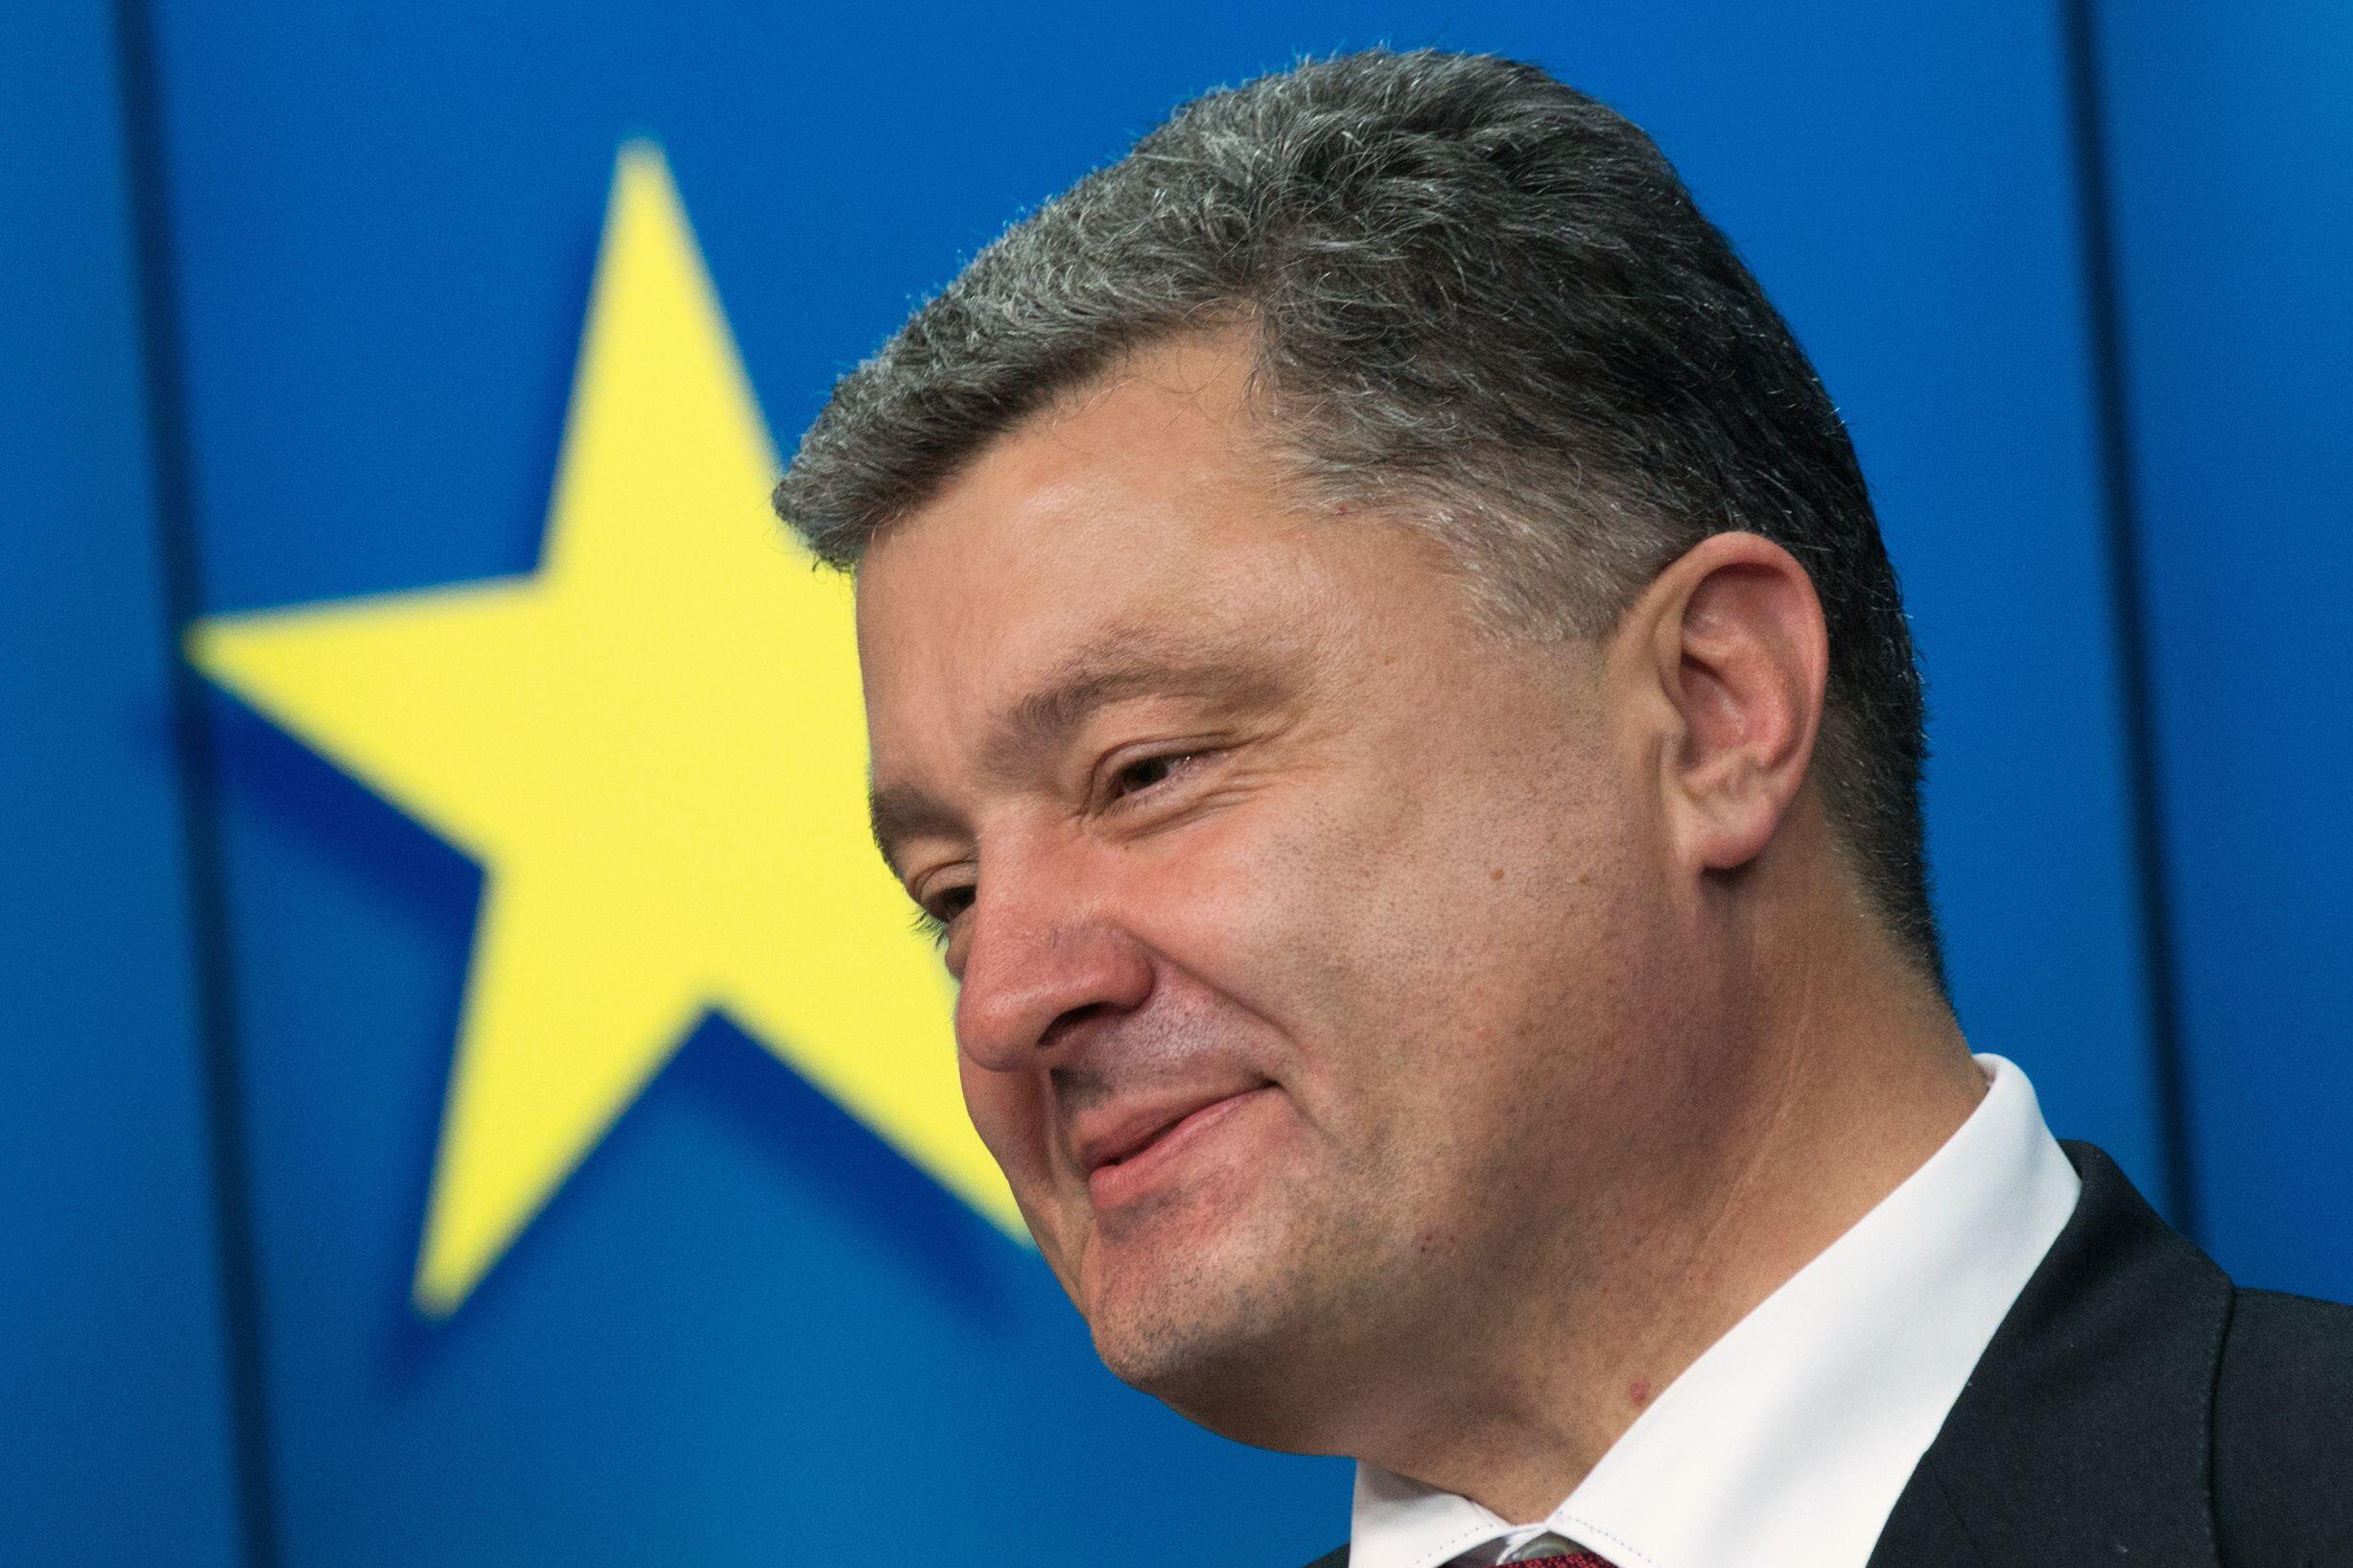 Presidente da Ucrânia, Petro Porochenko, esteve na reunião de cúpula dos líderes europeus, em Bruxelas.